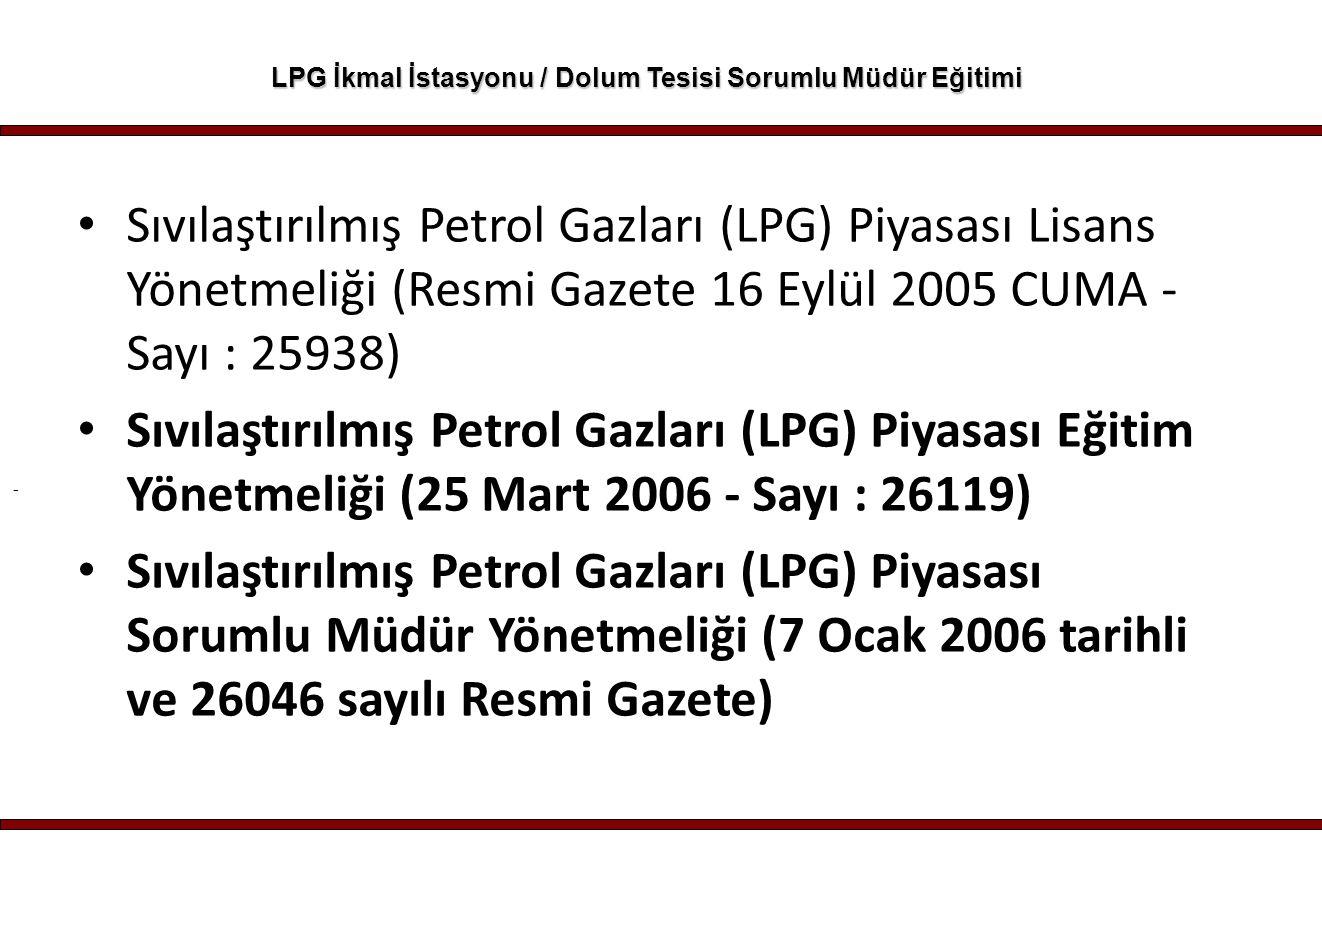 - LPG İkmal İstasyonu / Dolum Tesisi Sorumlu Müdür Eğitimi Sıvılaştırılmış Petrol Gazları (LPG) Piyasası Lisans Yönetmeliği (Resmi Gazete 16 Eylül 200